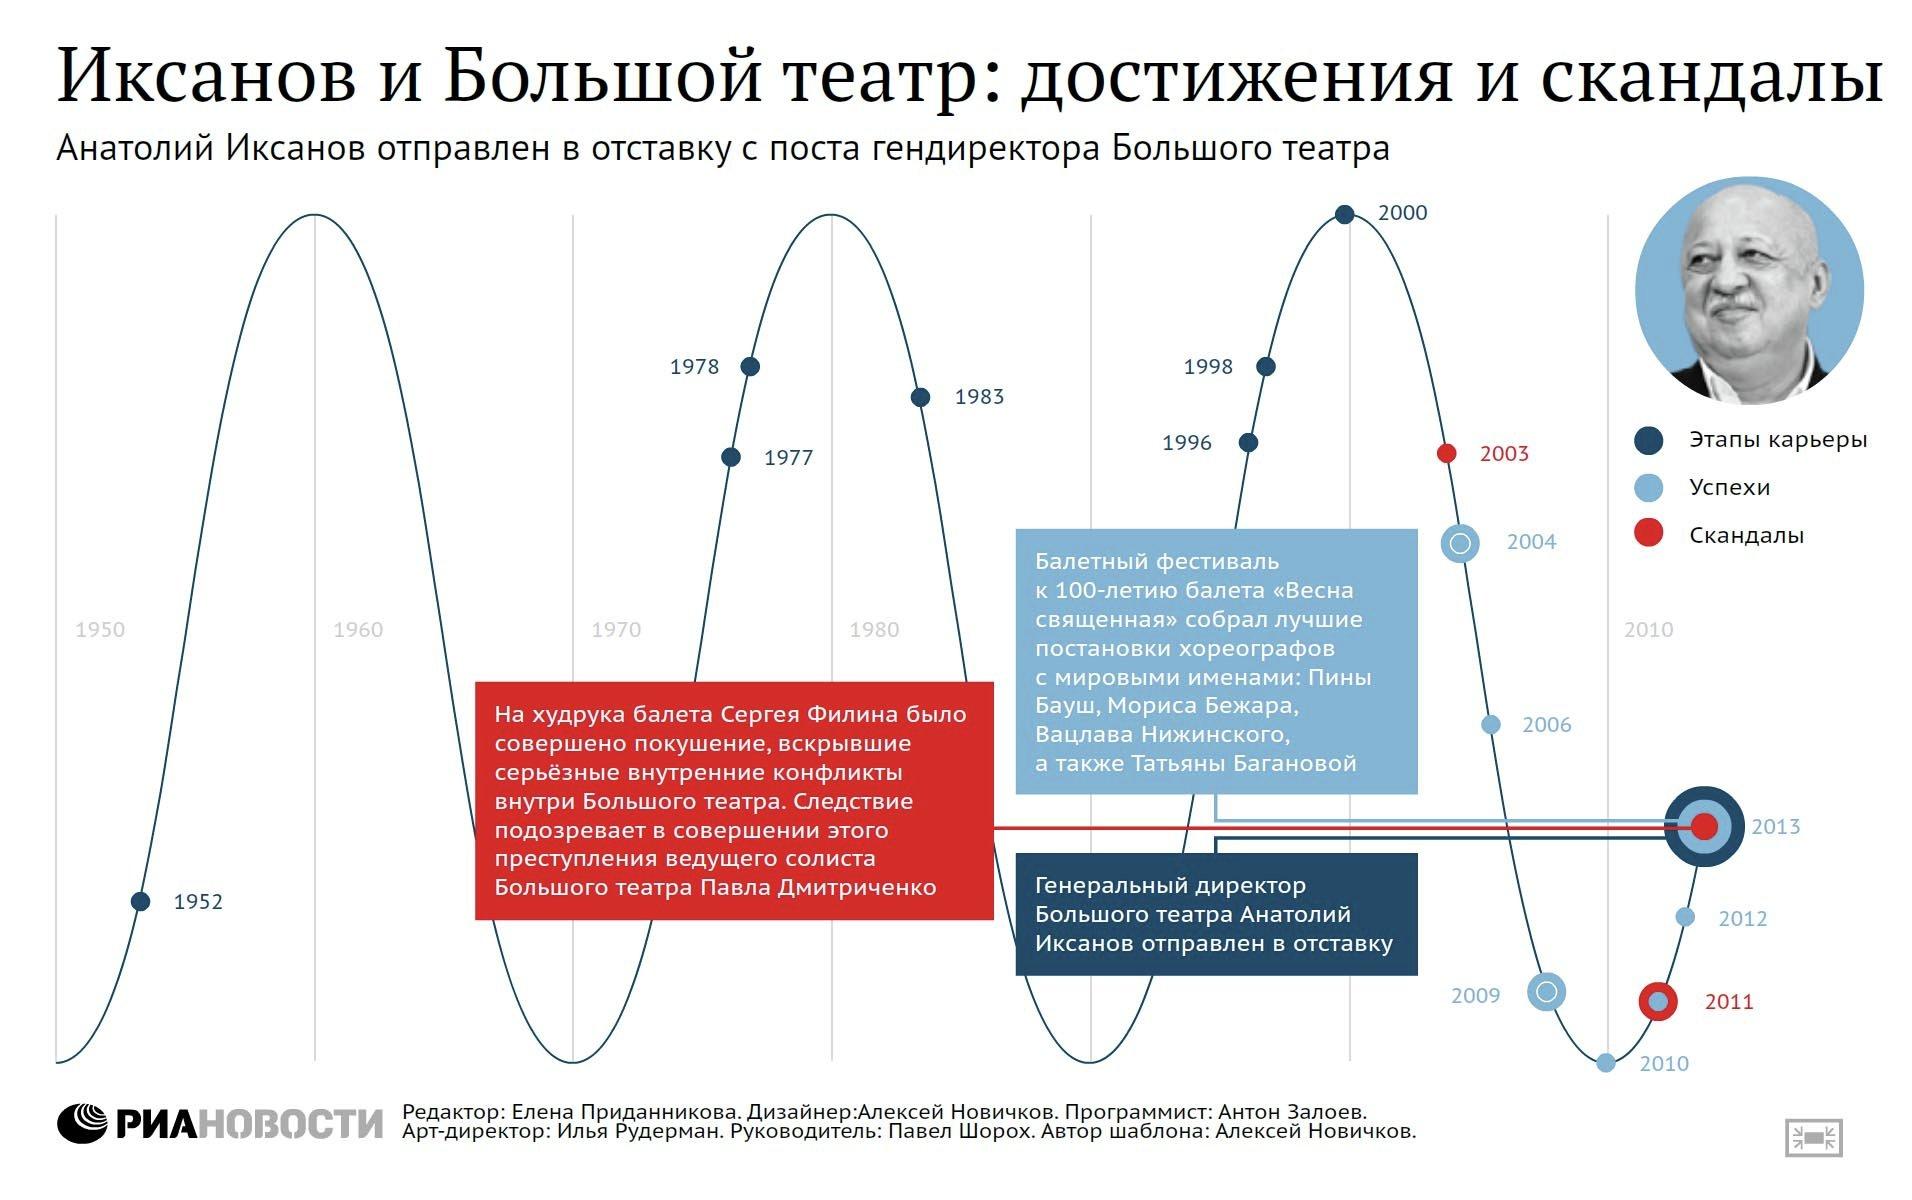 Основные этапы карьеры Анатолия Иксанова